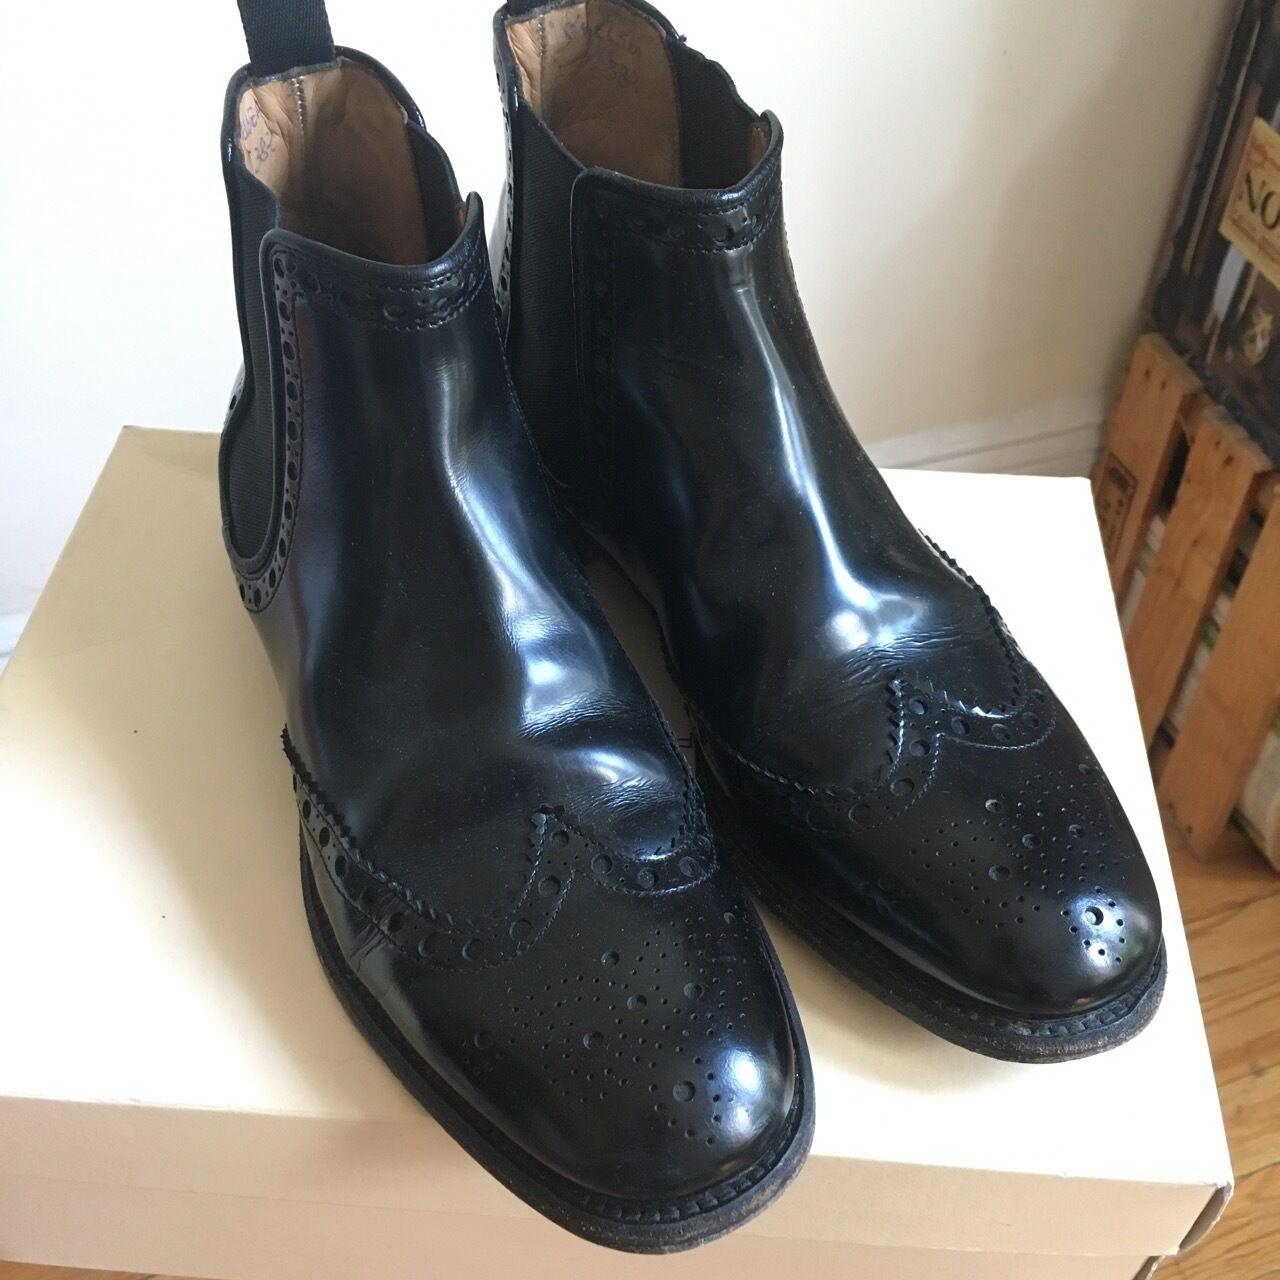 Il Gergo cuir véritable Bottines Chelsea Femmes 38.5 CHURCH'S Oxford Noir 8.5